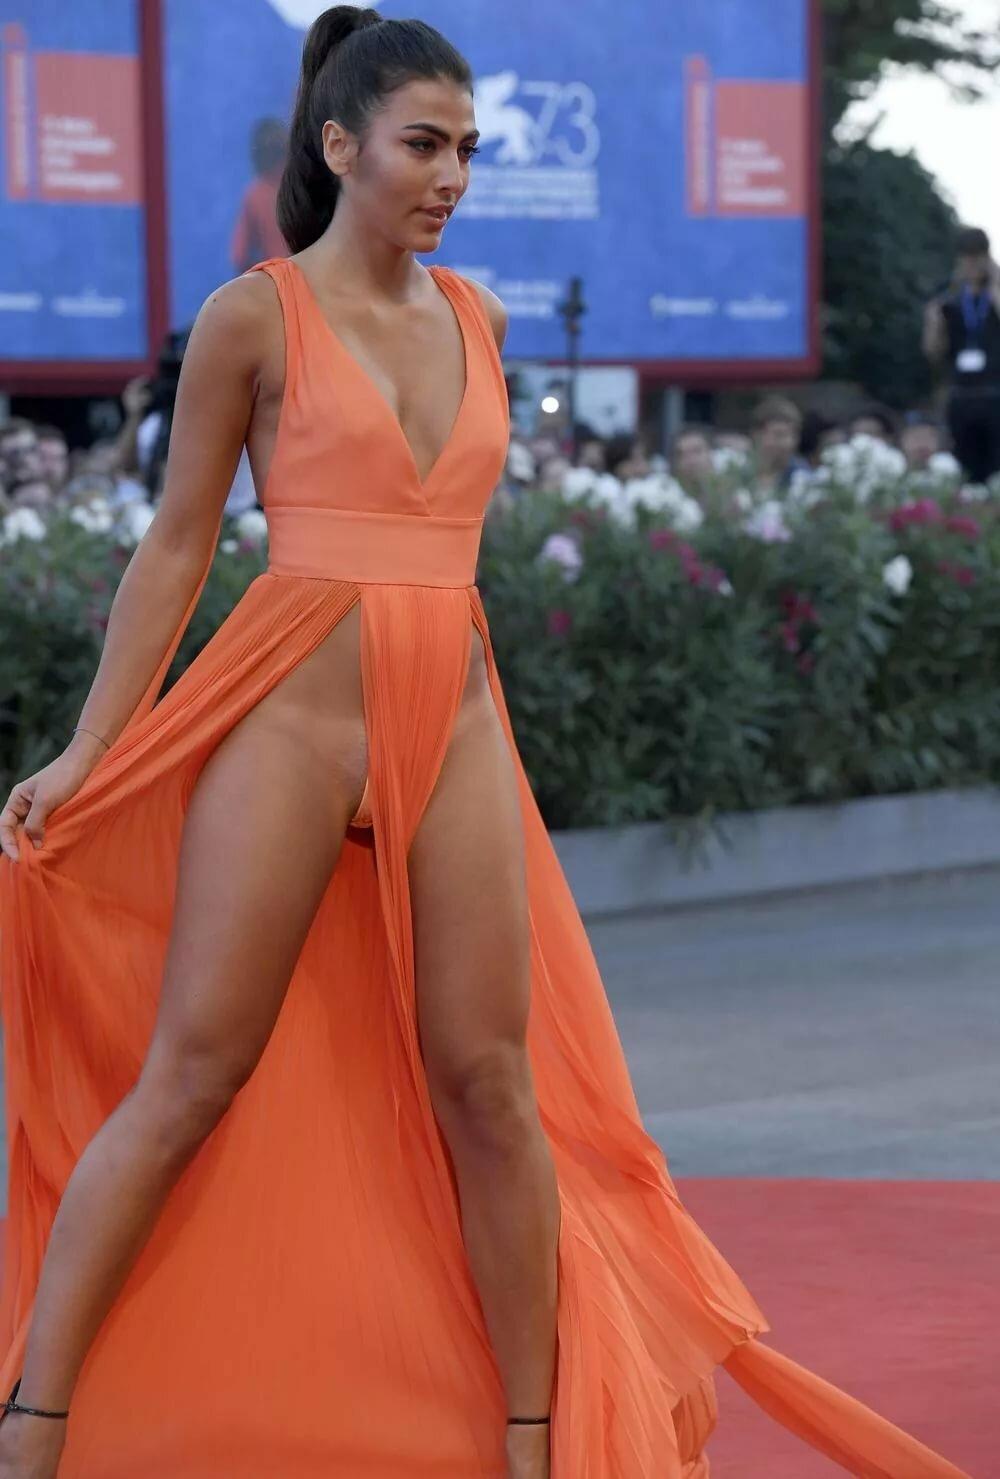 сейчас смотреть что скрывают женщины под платьем свойственная человеку